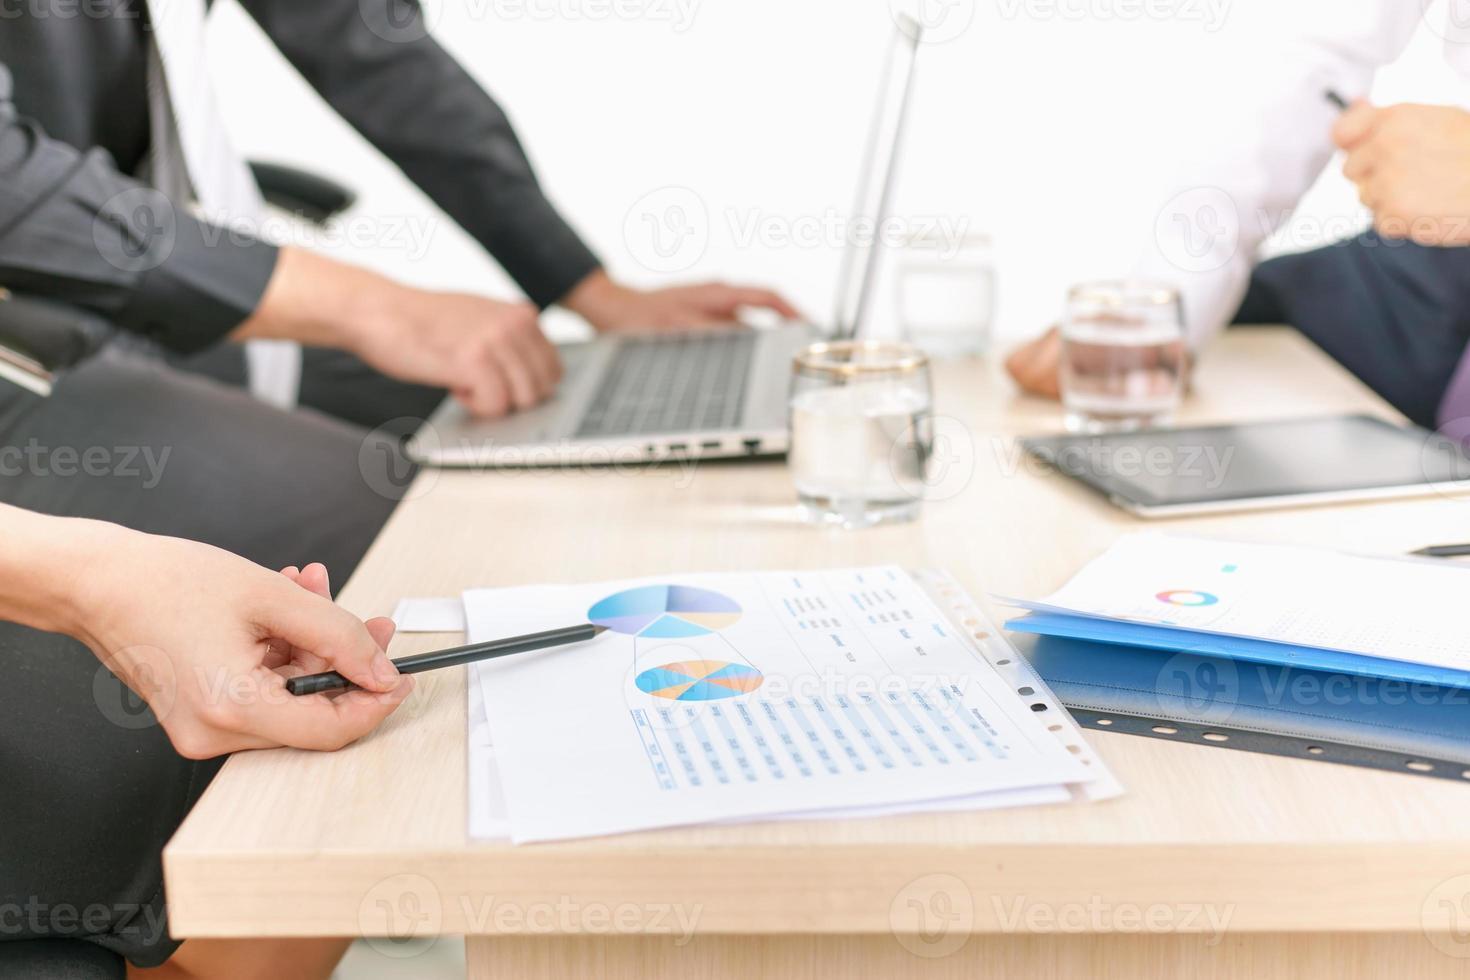 gráfico e tabelas de close-up na mesa durante reunião de negócios foto